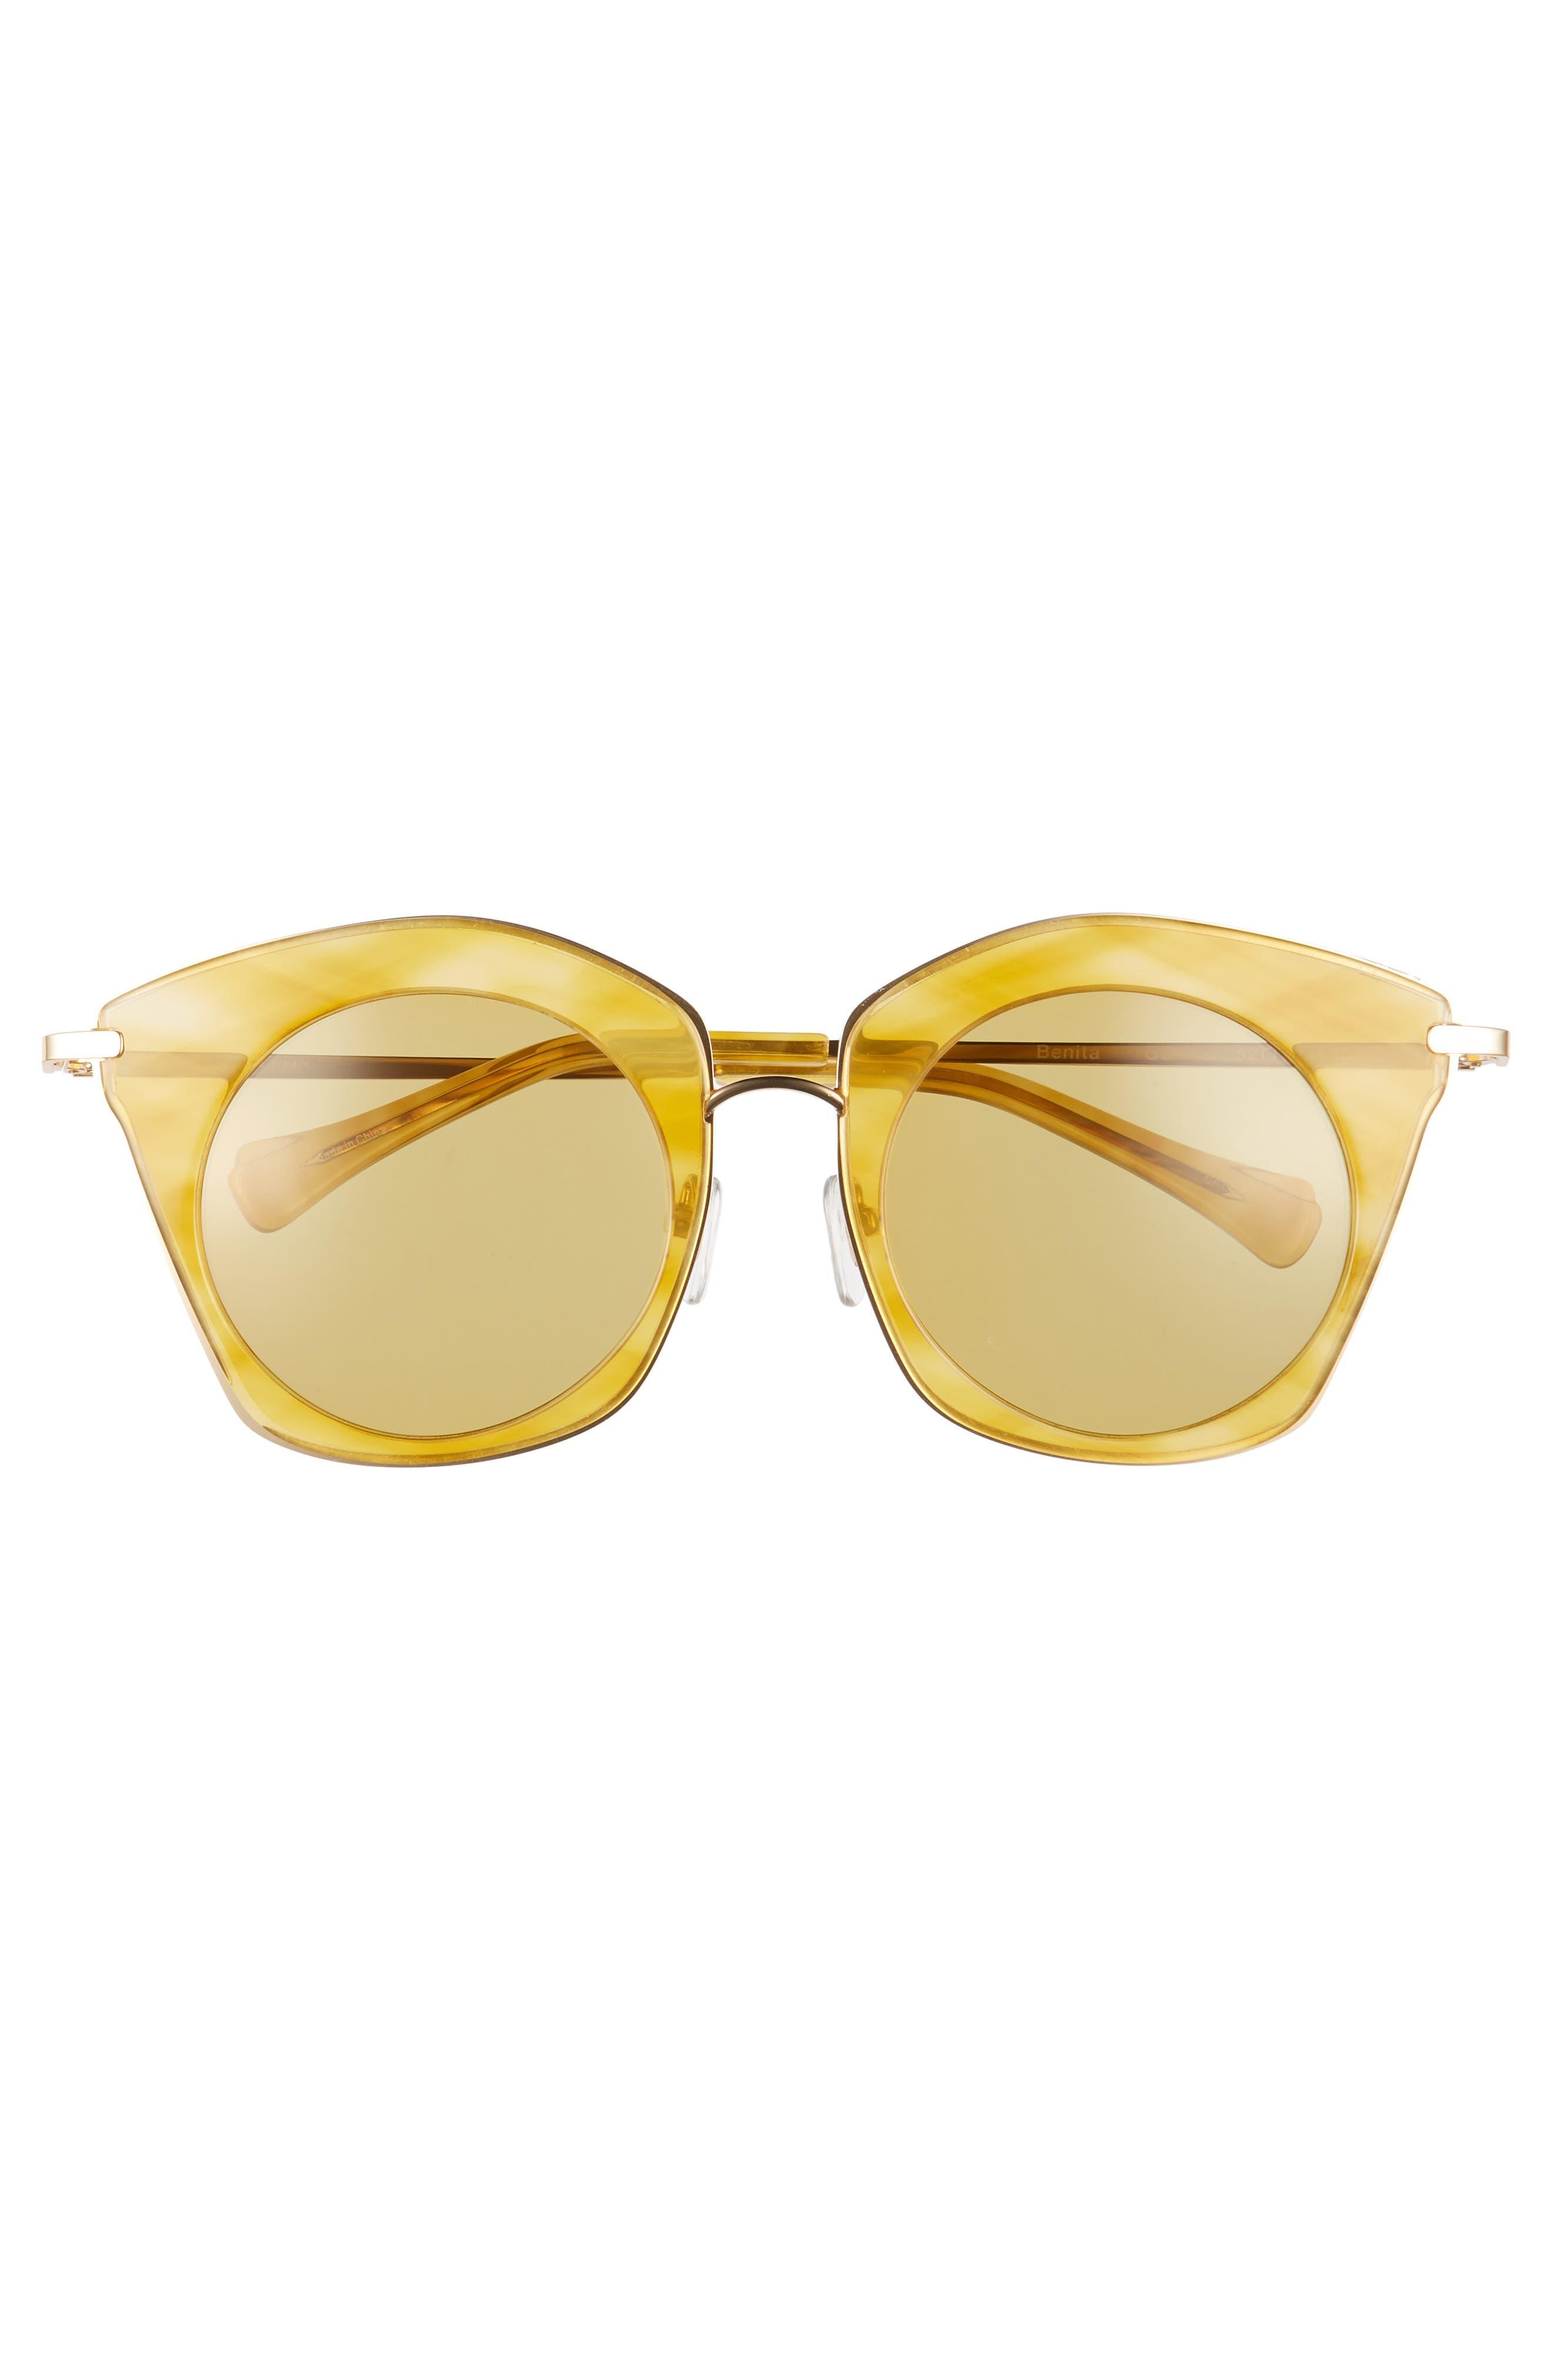 Benita 52mm Polarized Sunglasses,                             Alternate thumbnail 3, color,                             Gold Polar